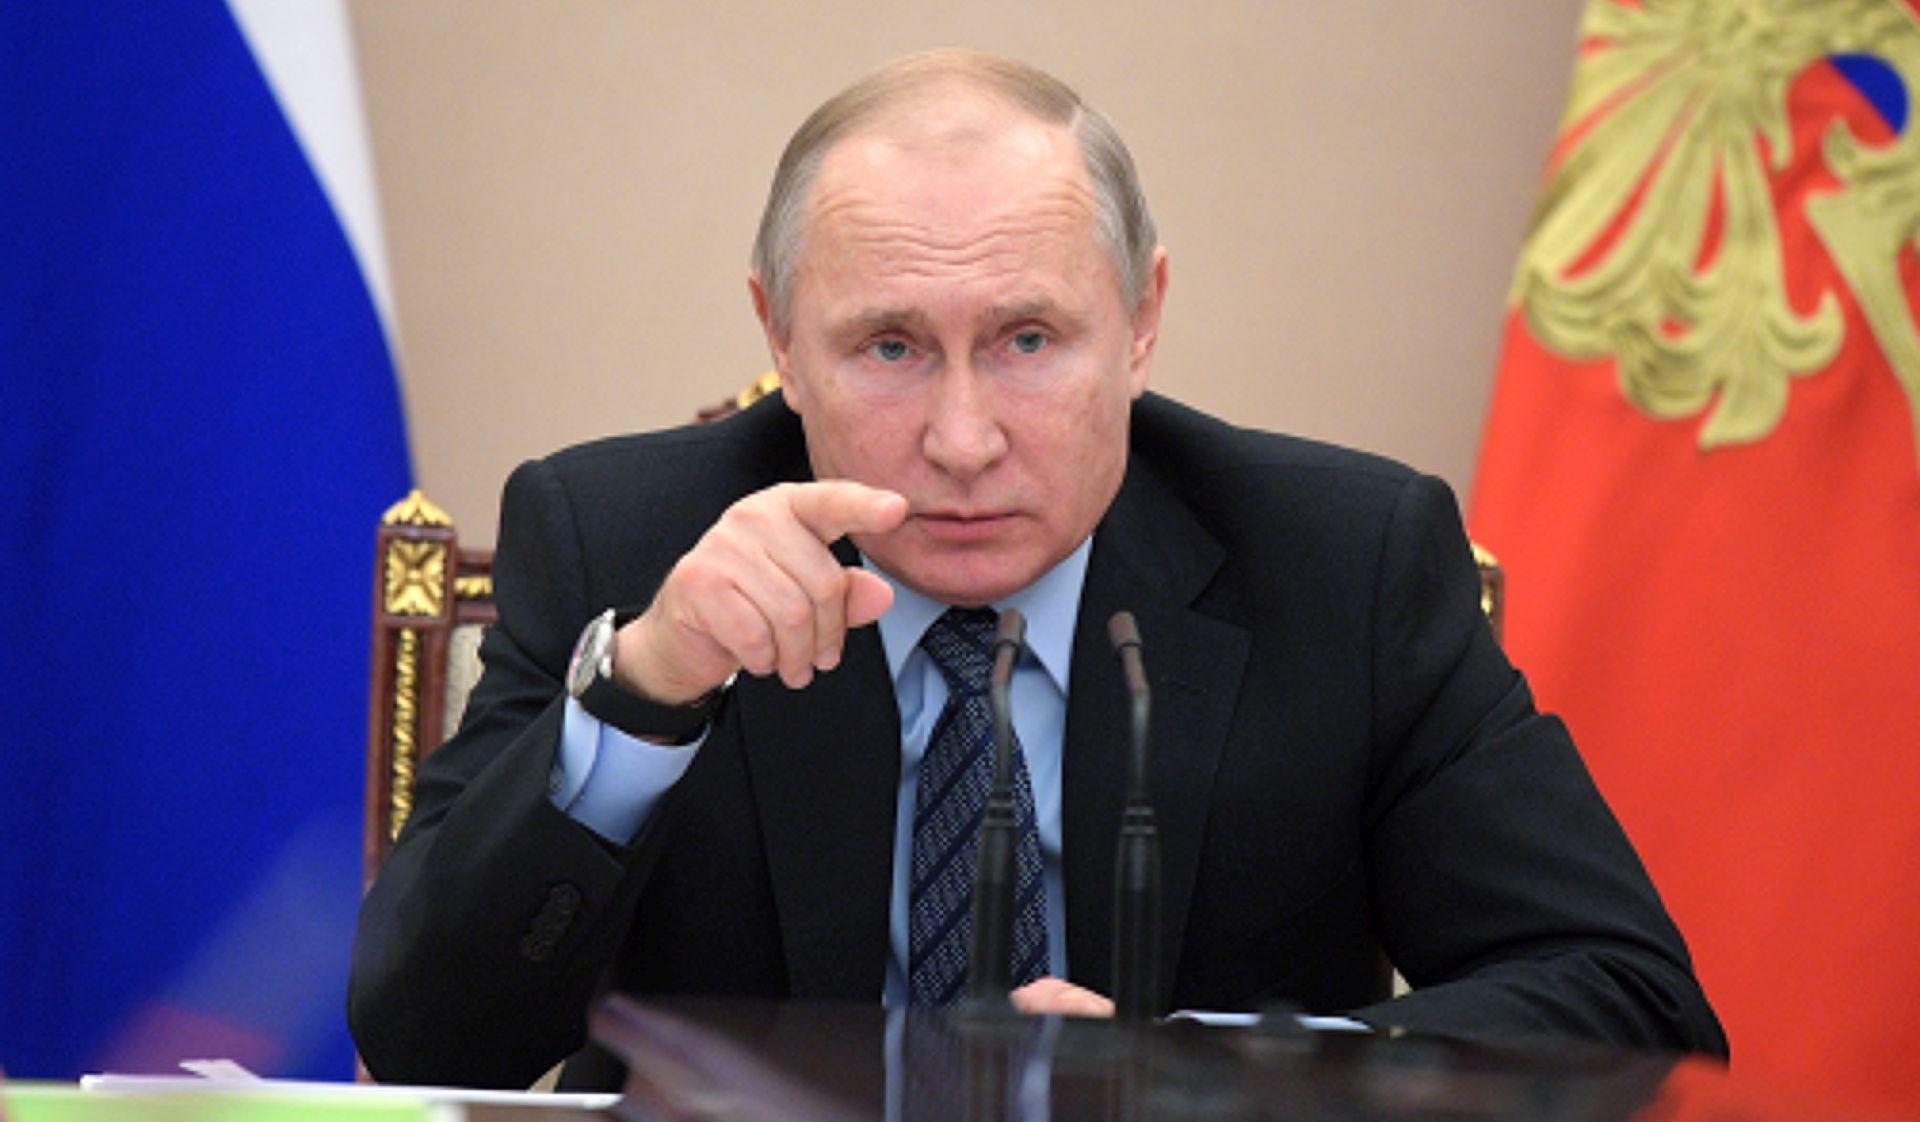 Putin u Srbiji, čuva ga 5.000 srpskih i 300 ruskih policajaca